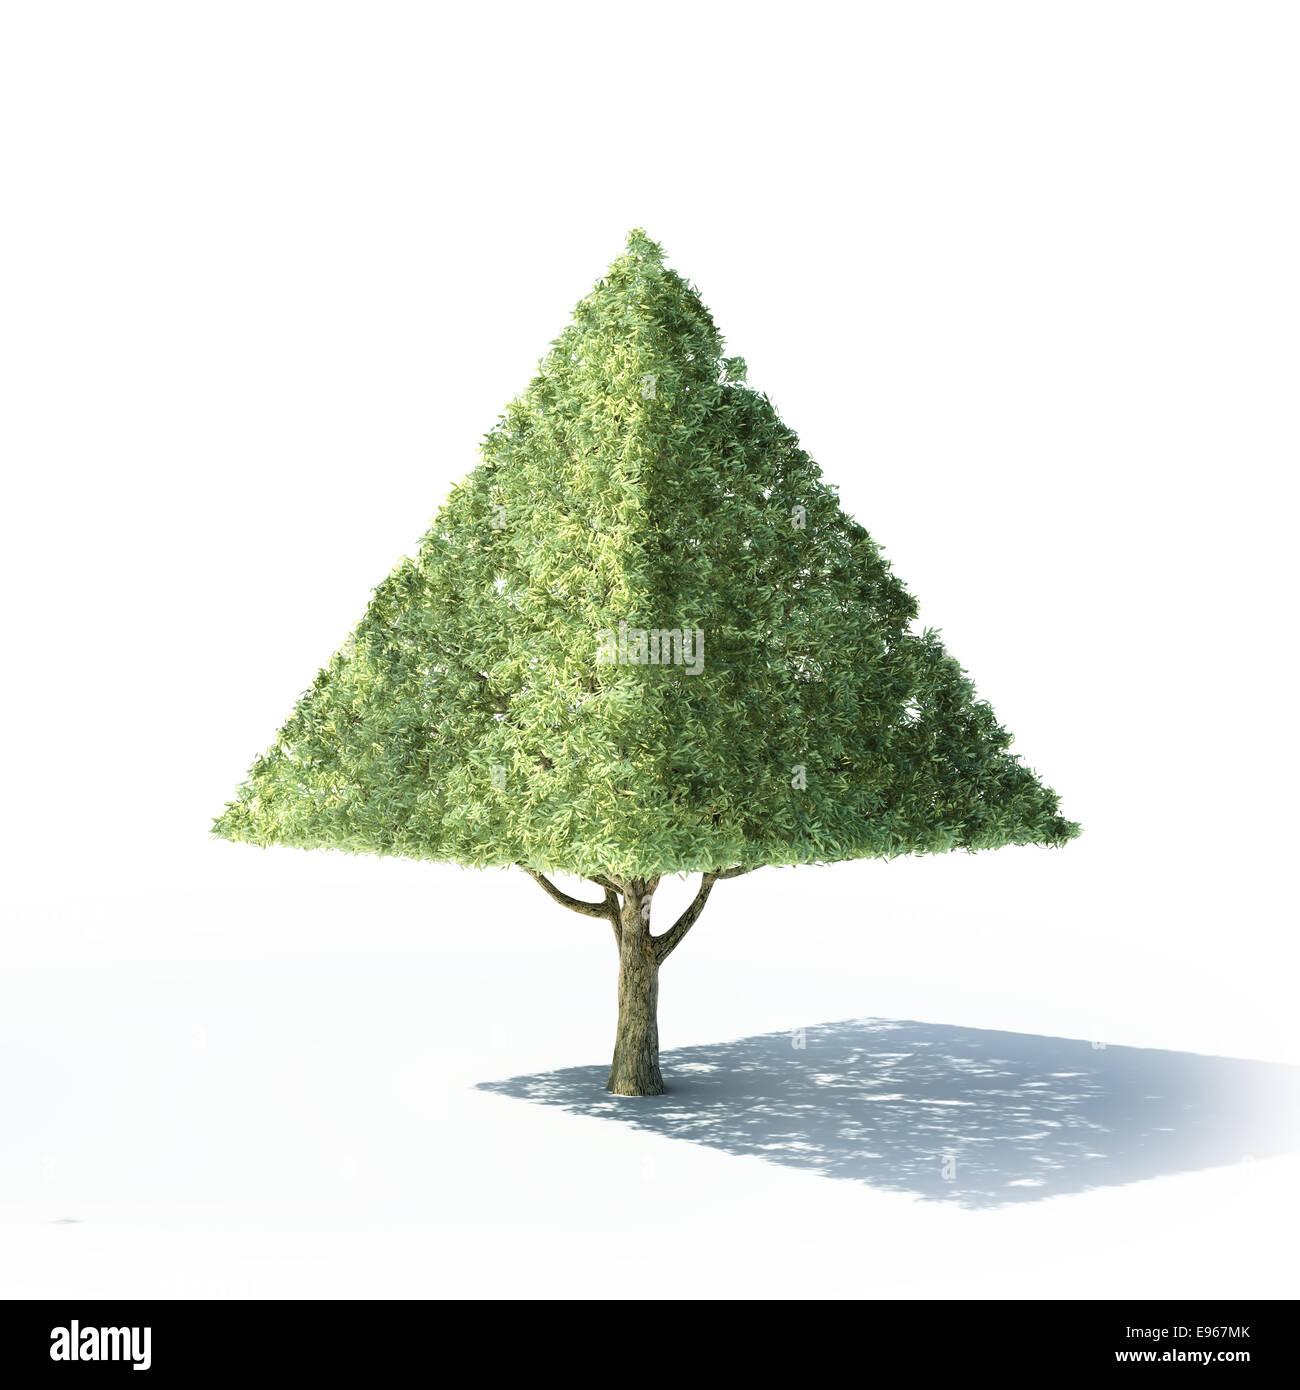 Pyramidenförmige Struktur auf einem weißen Hintergrund Stockbild